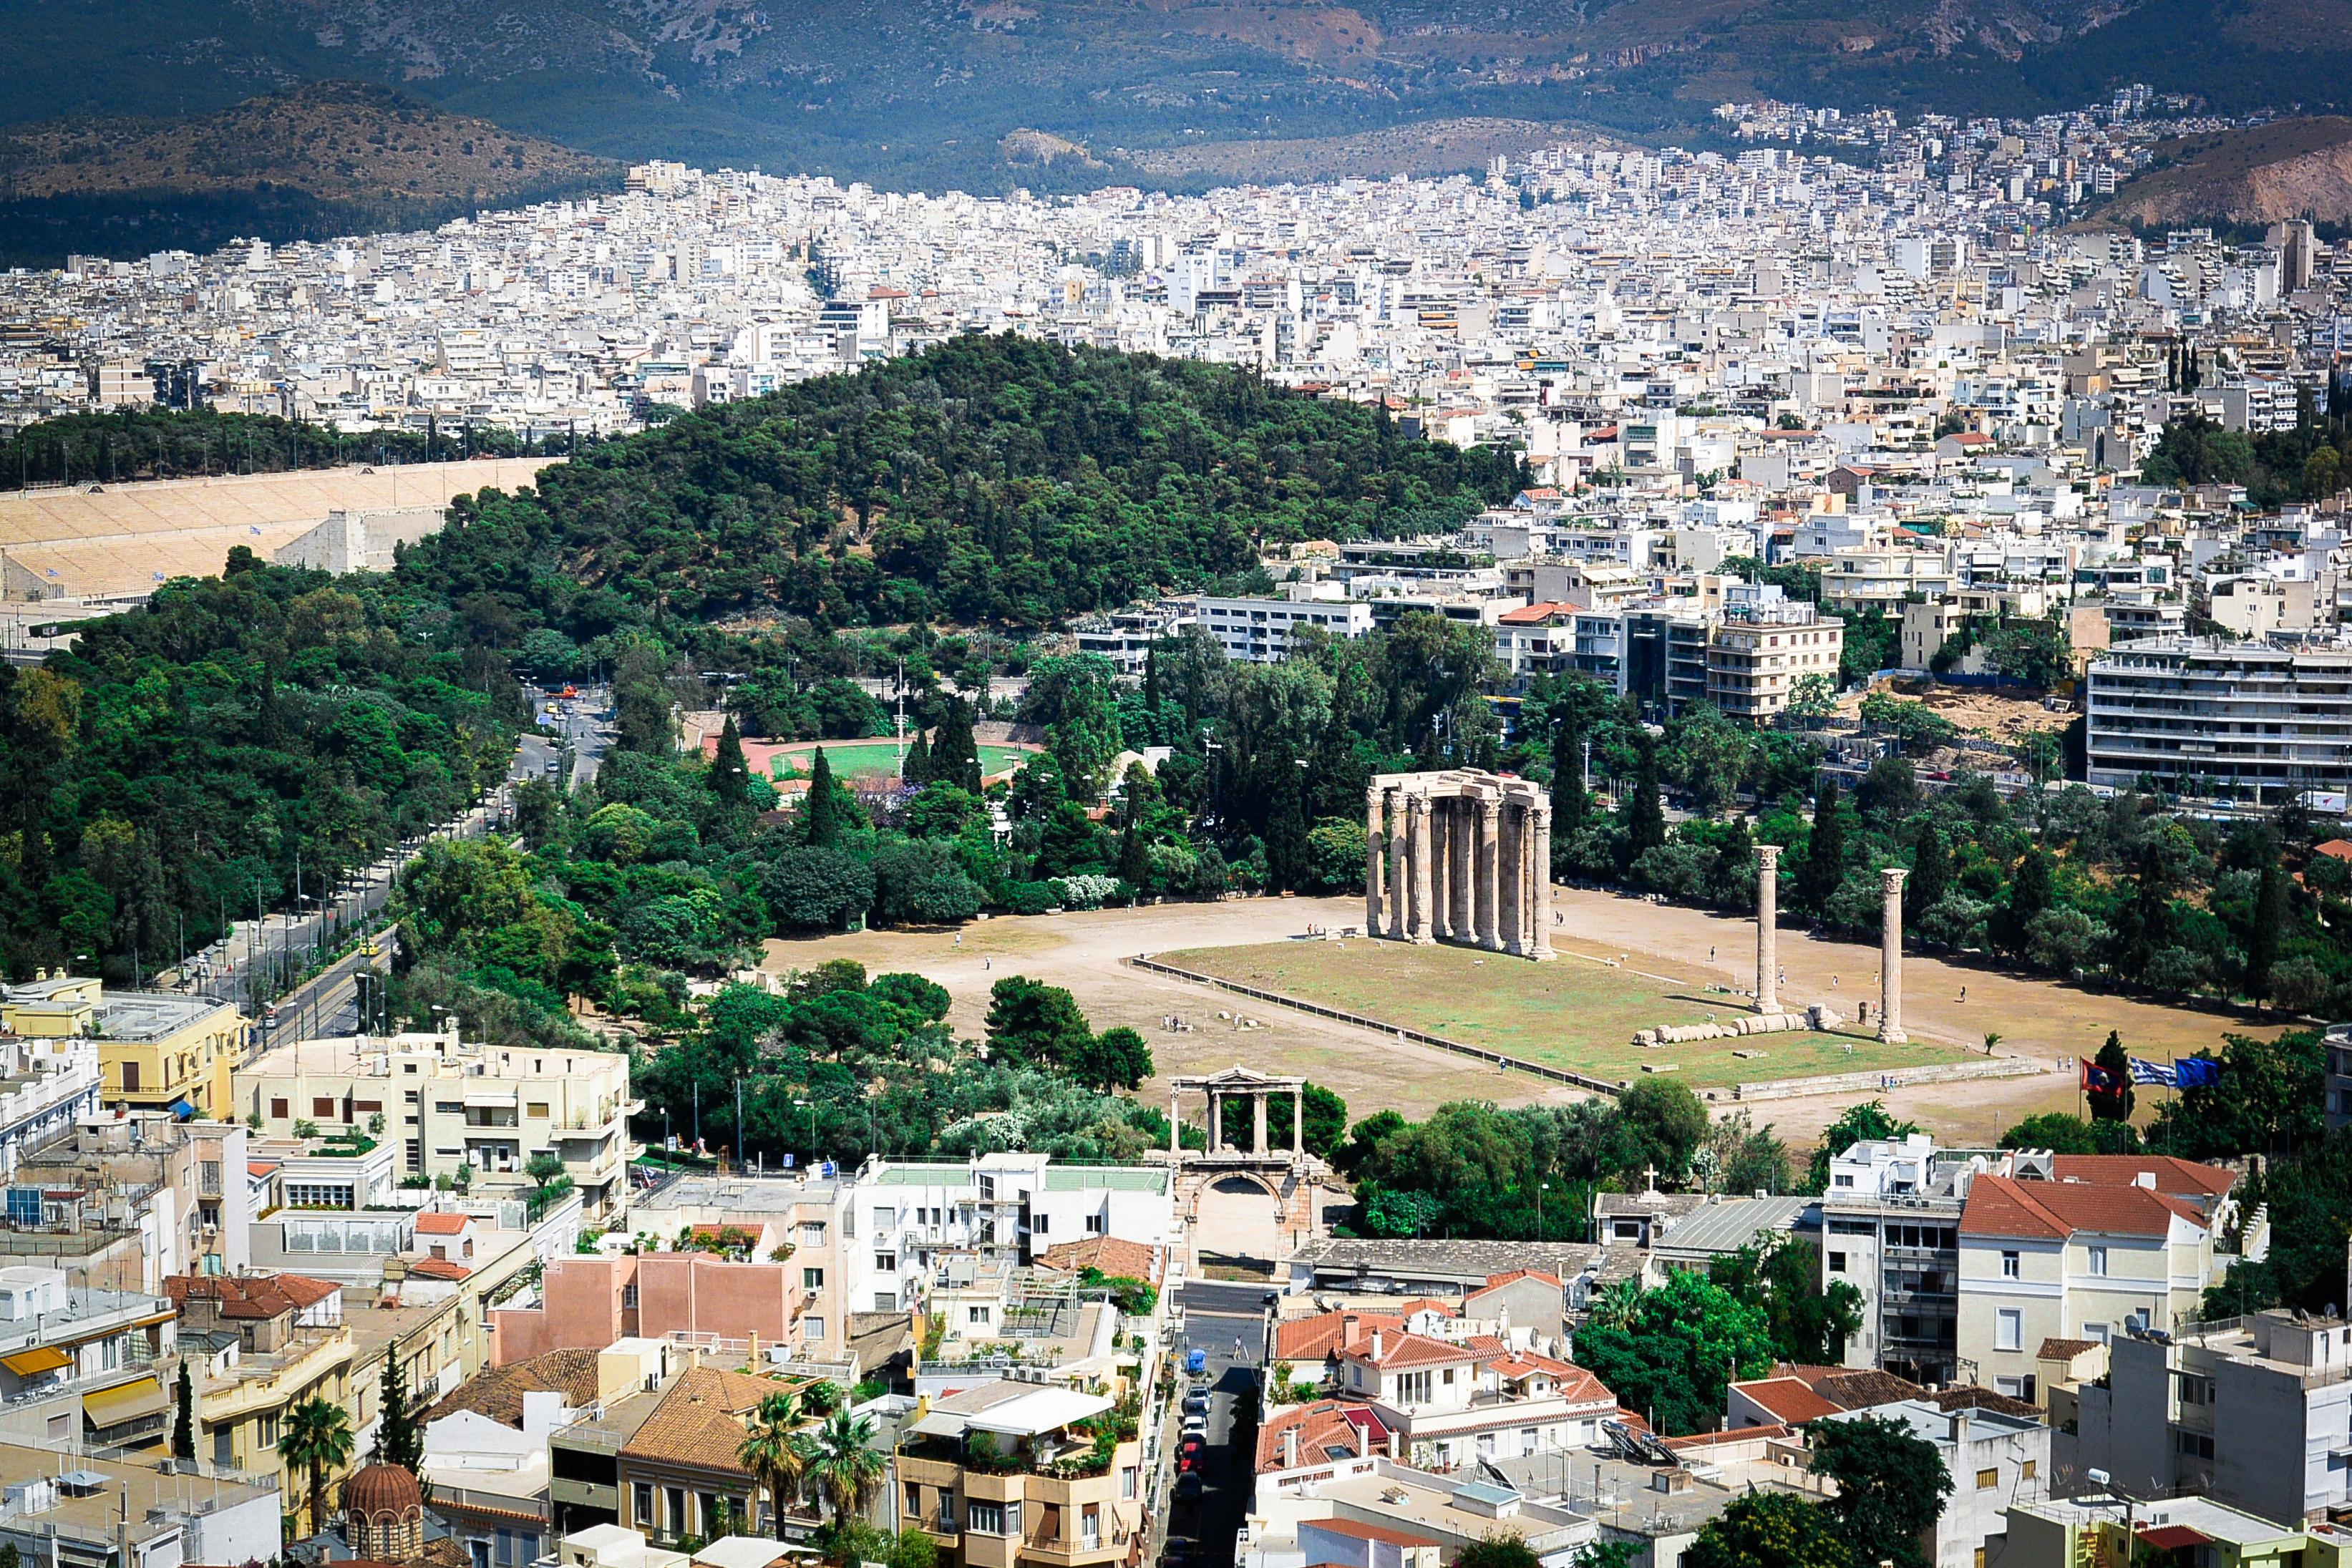 奥林匹亚宙斯神殿旅游景点图片